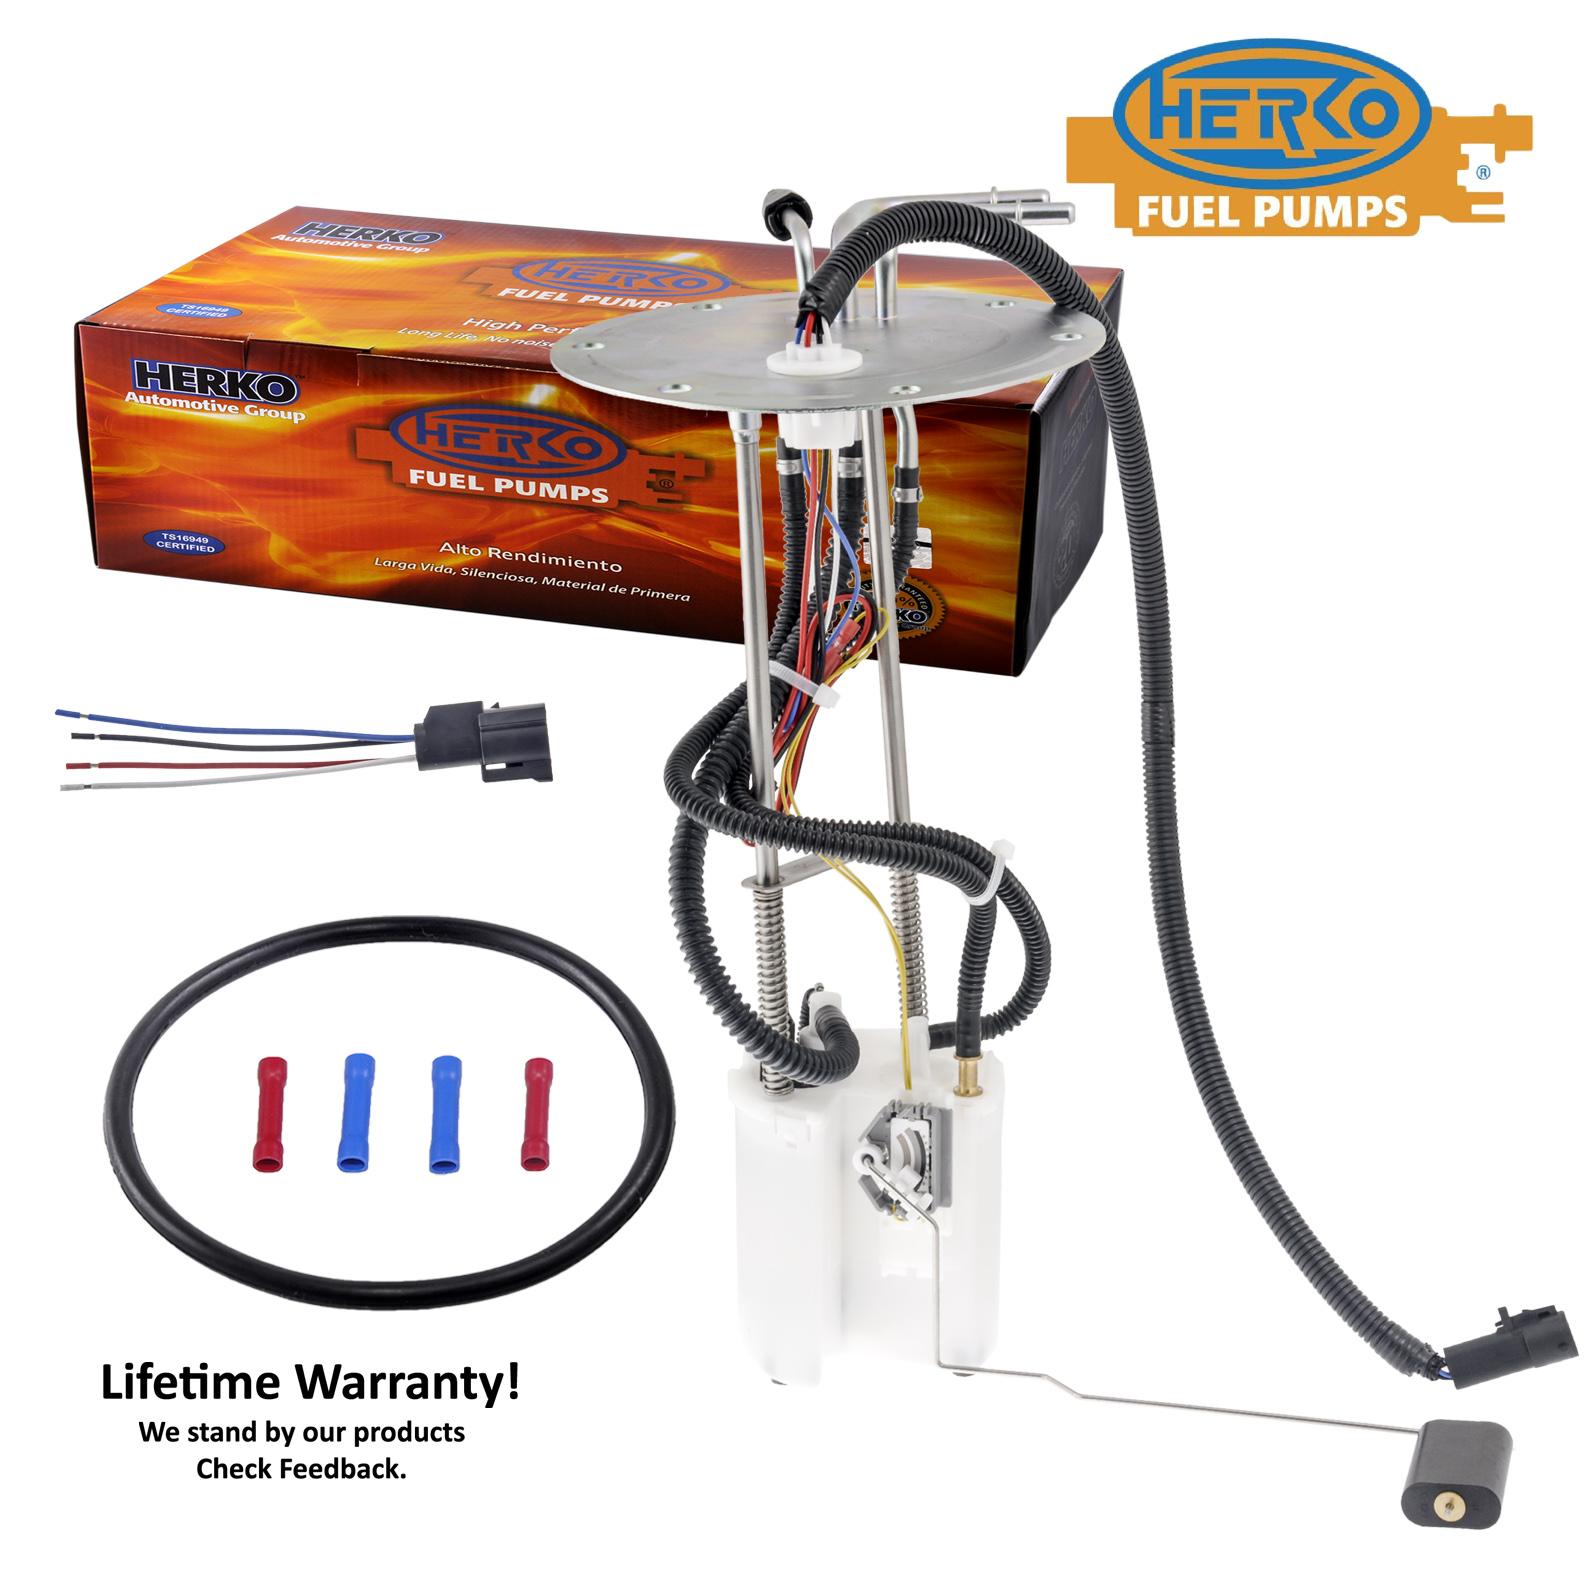 medium resolution of herko fuel pump 417ge for ford econoline e150 e250 e350 4 9l 5 8l ford crown victoria fuel pump 92 ford e 150 fuel pump wiring